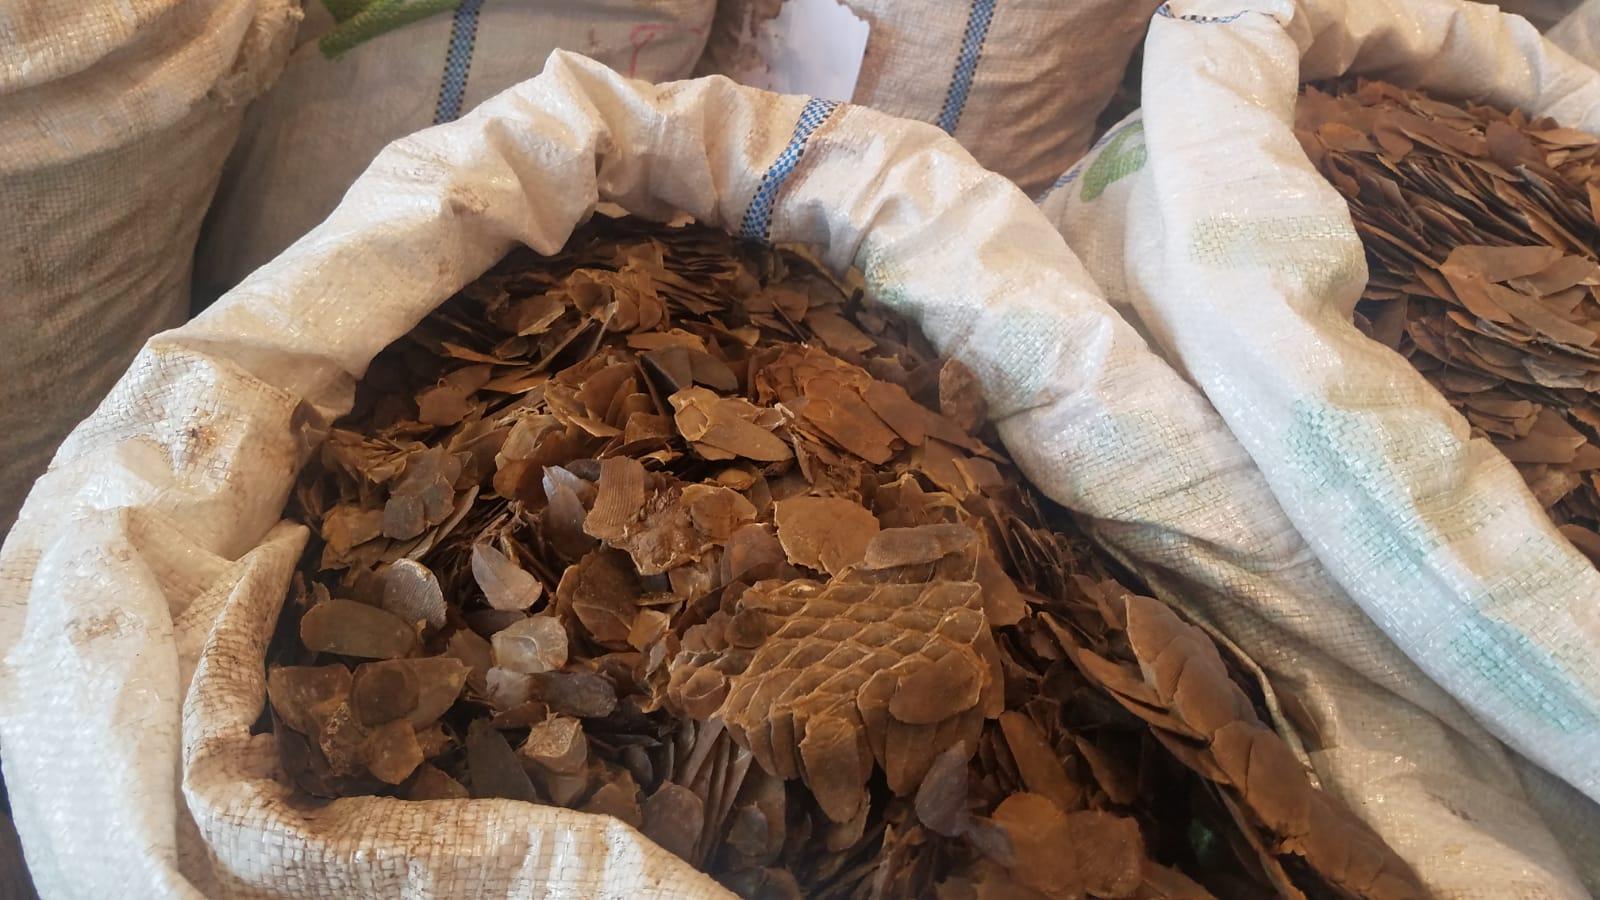 海關起出約8300公斤懷疑穿山甲鱗片和2100公斤懷疑象牙,估計市值約6200萬元。